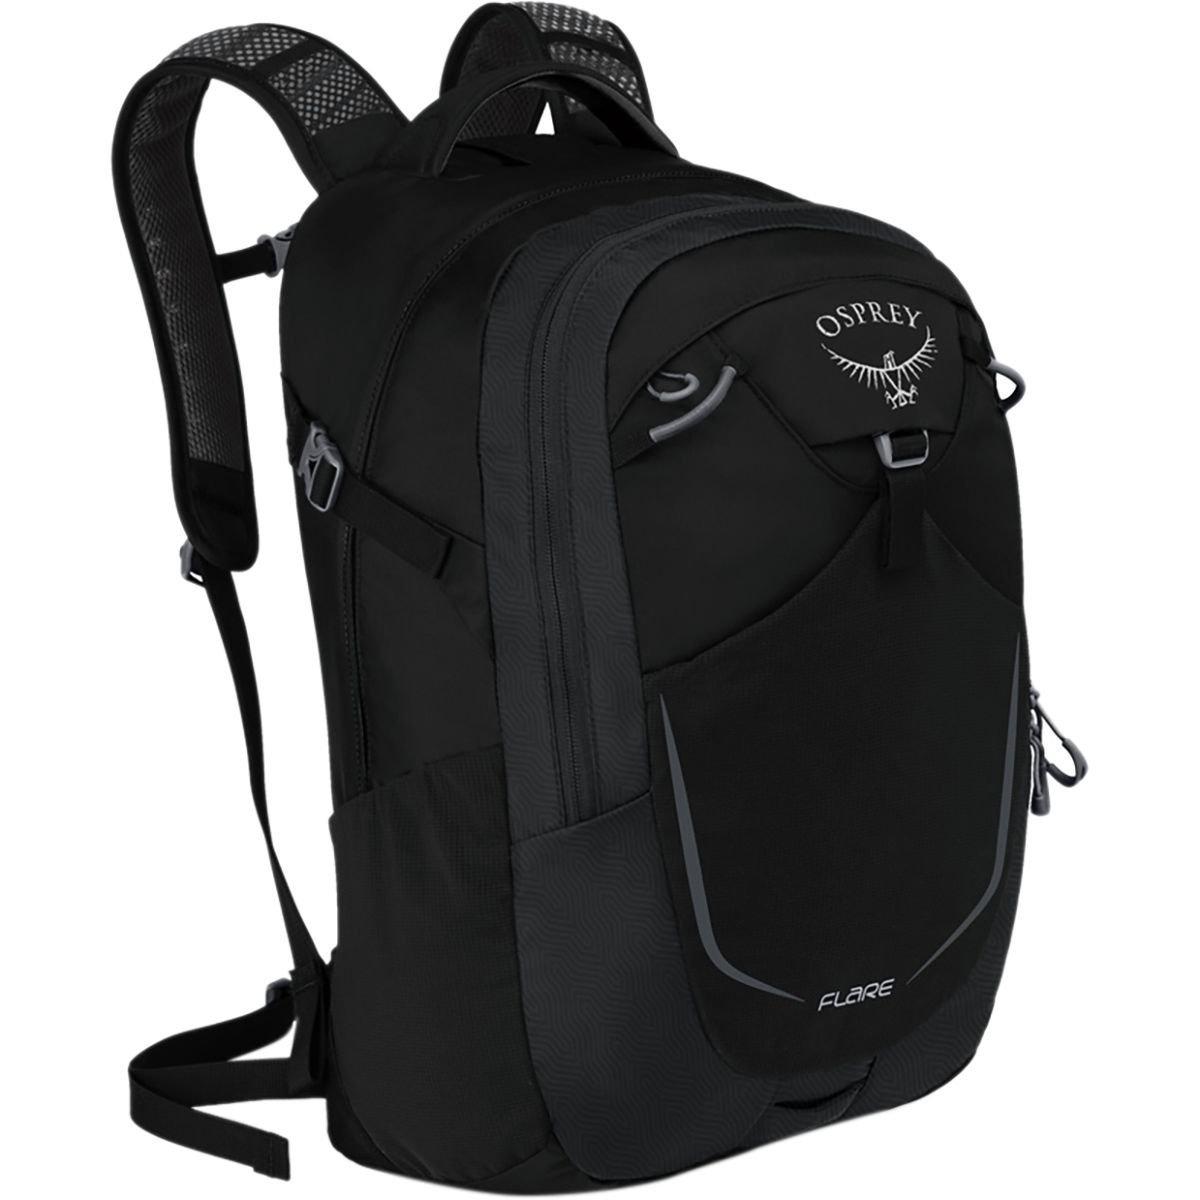 Osprey Unisex Flare Black One Size